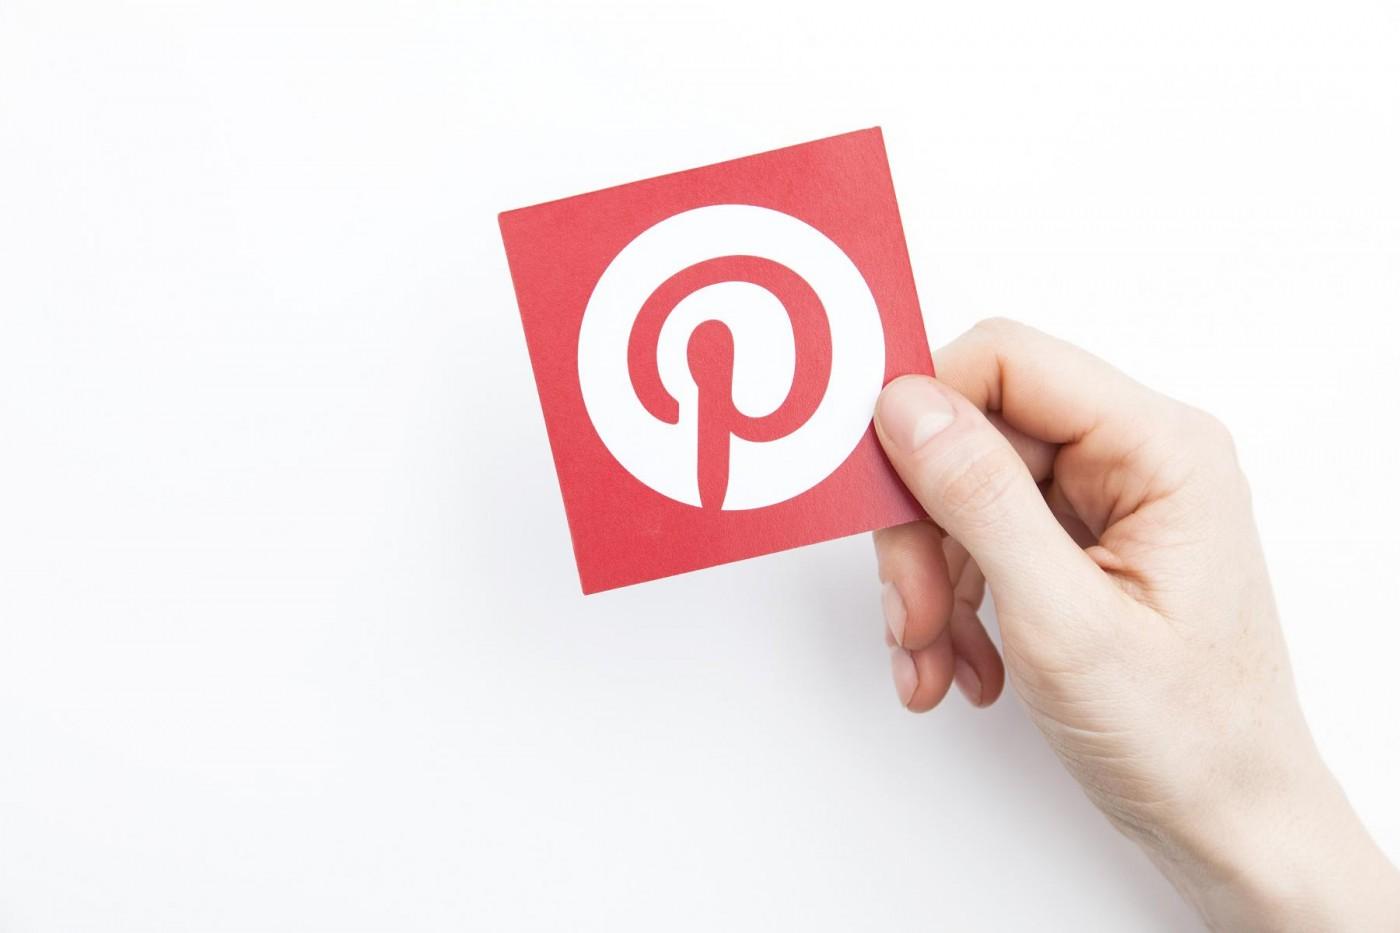 導購力高於其他平台4倍!Pinterest靠一個「小圖釘」的獨門絕活,怎麼做到的?